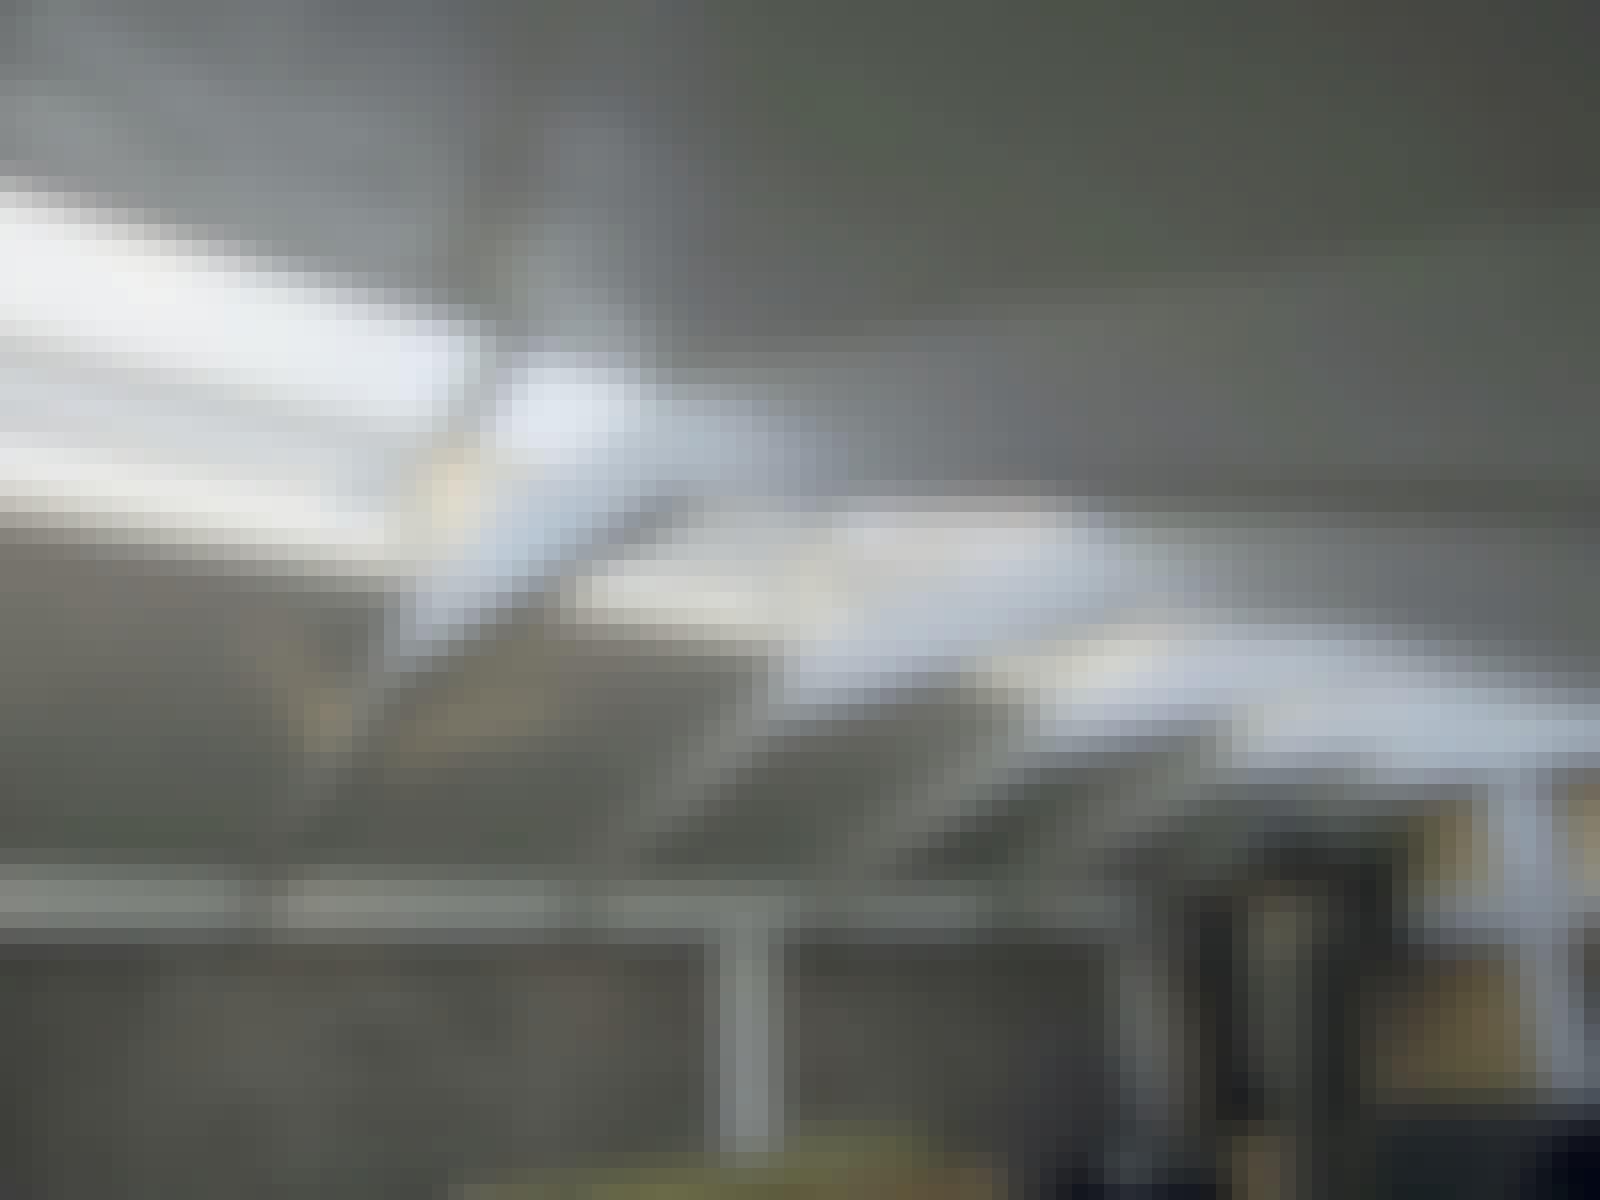 Der er bygget et træskelet af lægter, som løfter taget. Ved at sætte glas i siderne lukkes der ekstra meget lys ind i redskabsskuret.